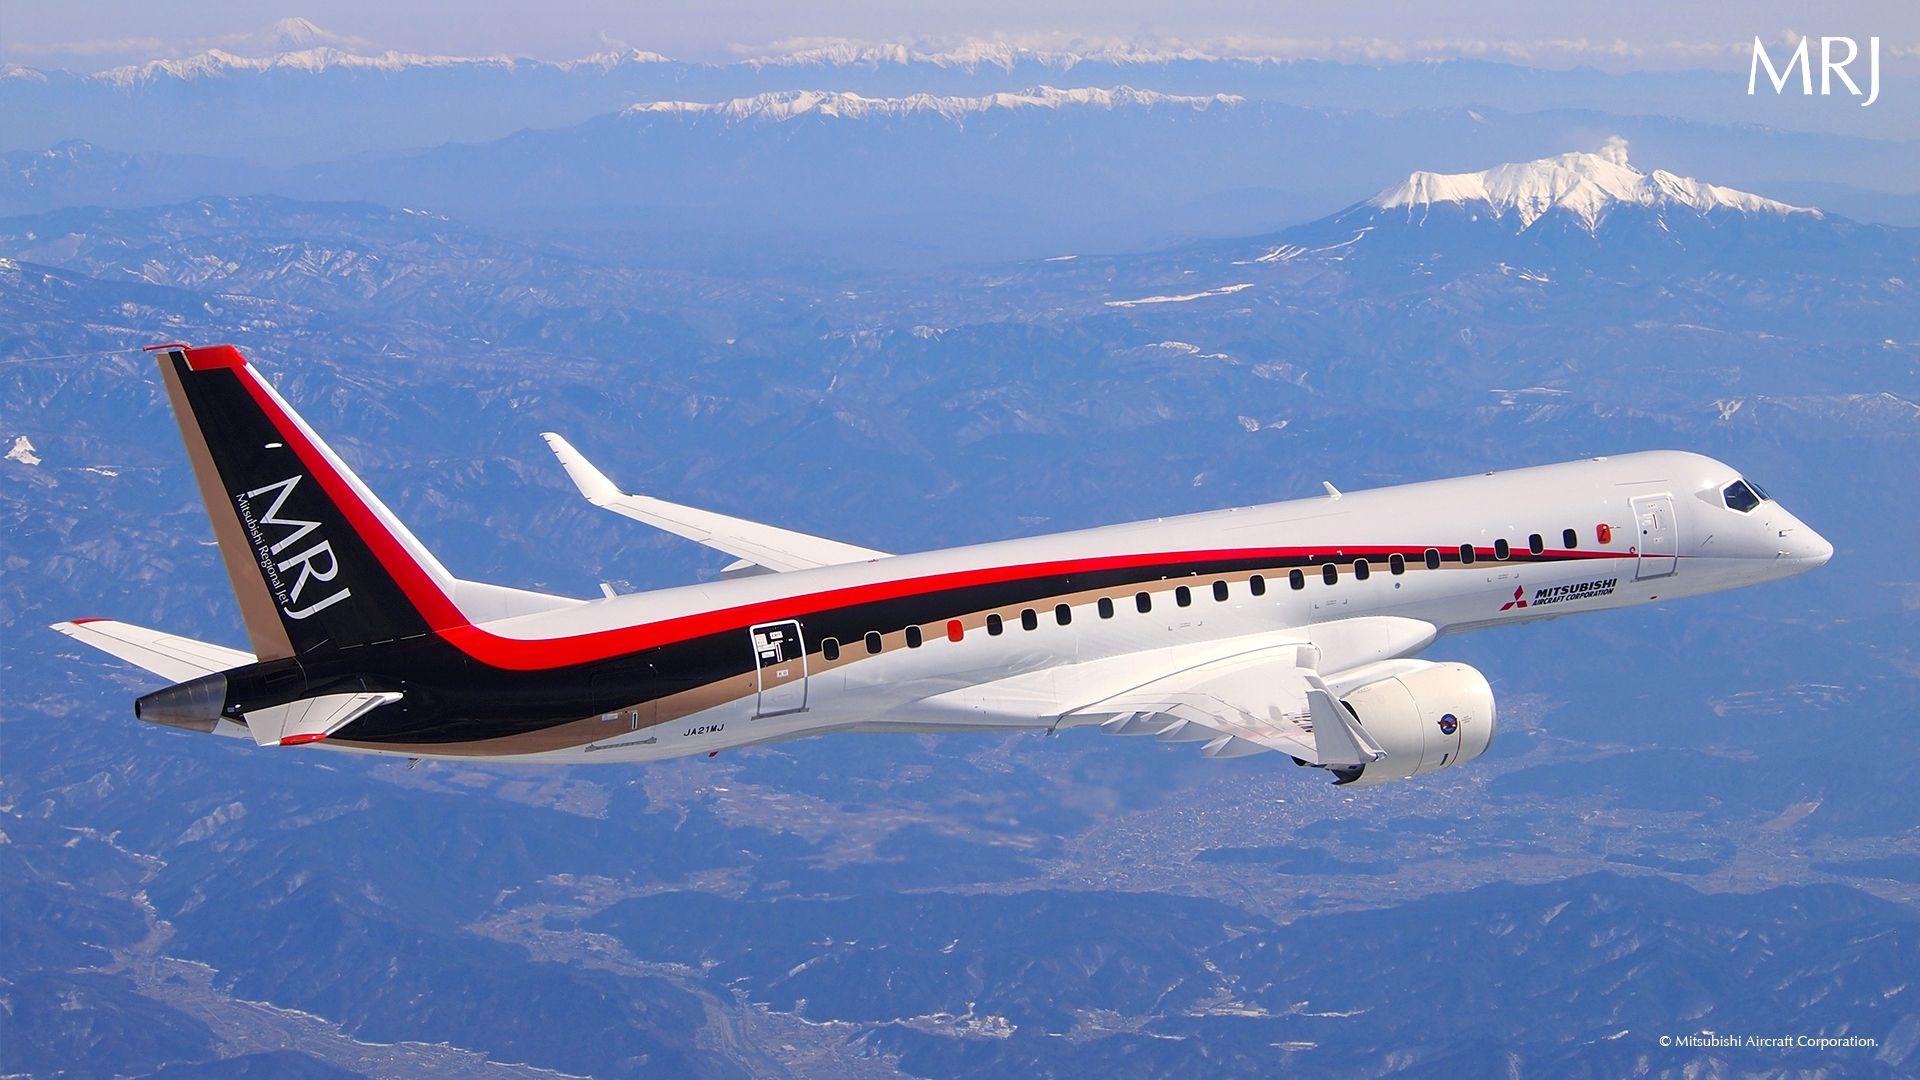 日本的大飞机野心:50年来第一架国产客机认证飞行